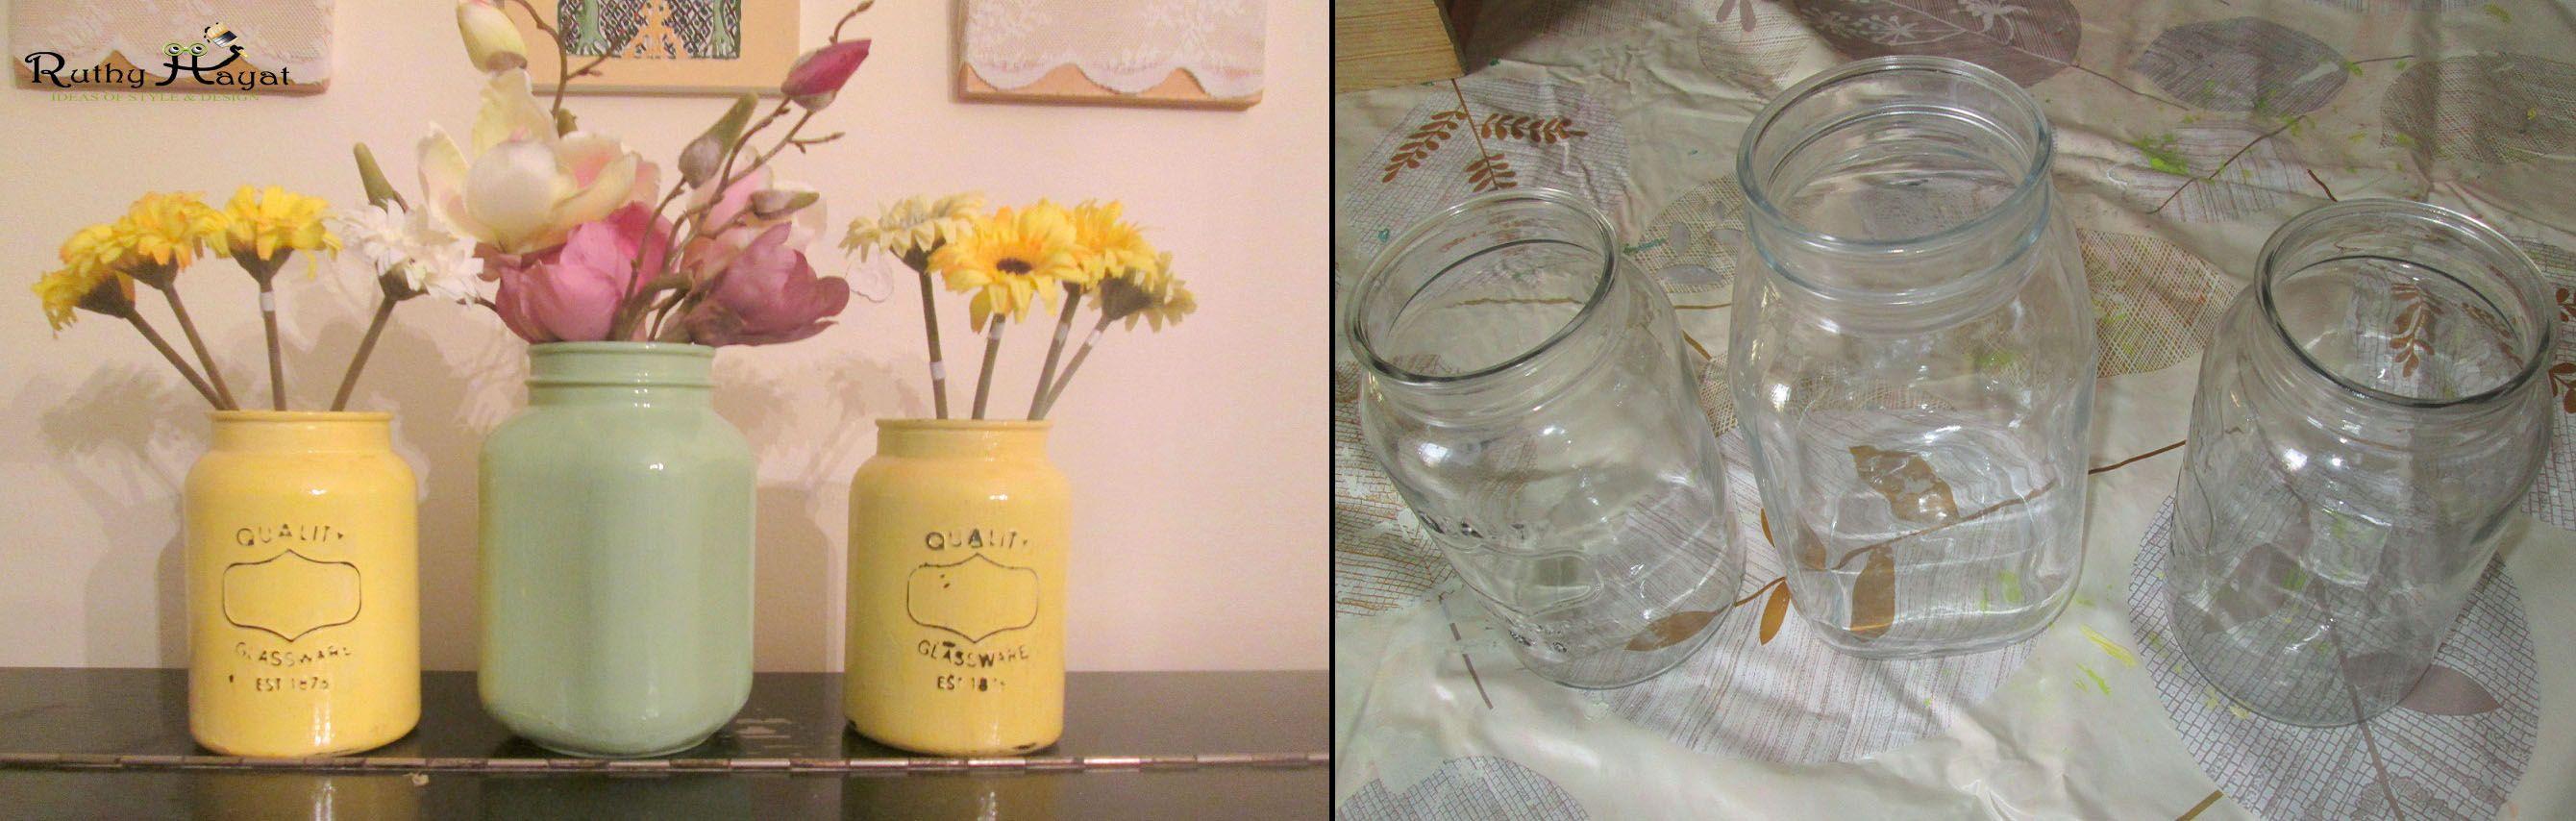 שקופה לאגרטל פרחים - חלומות בסטודיו